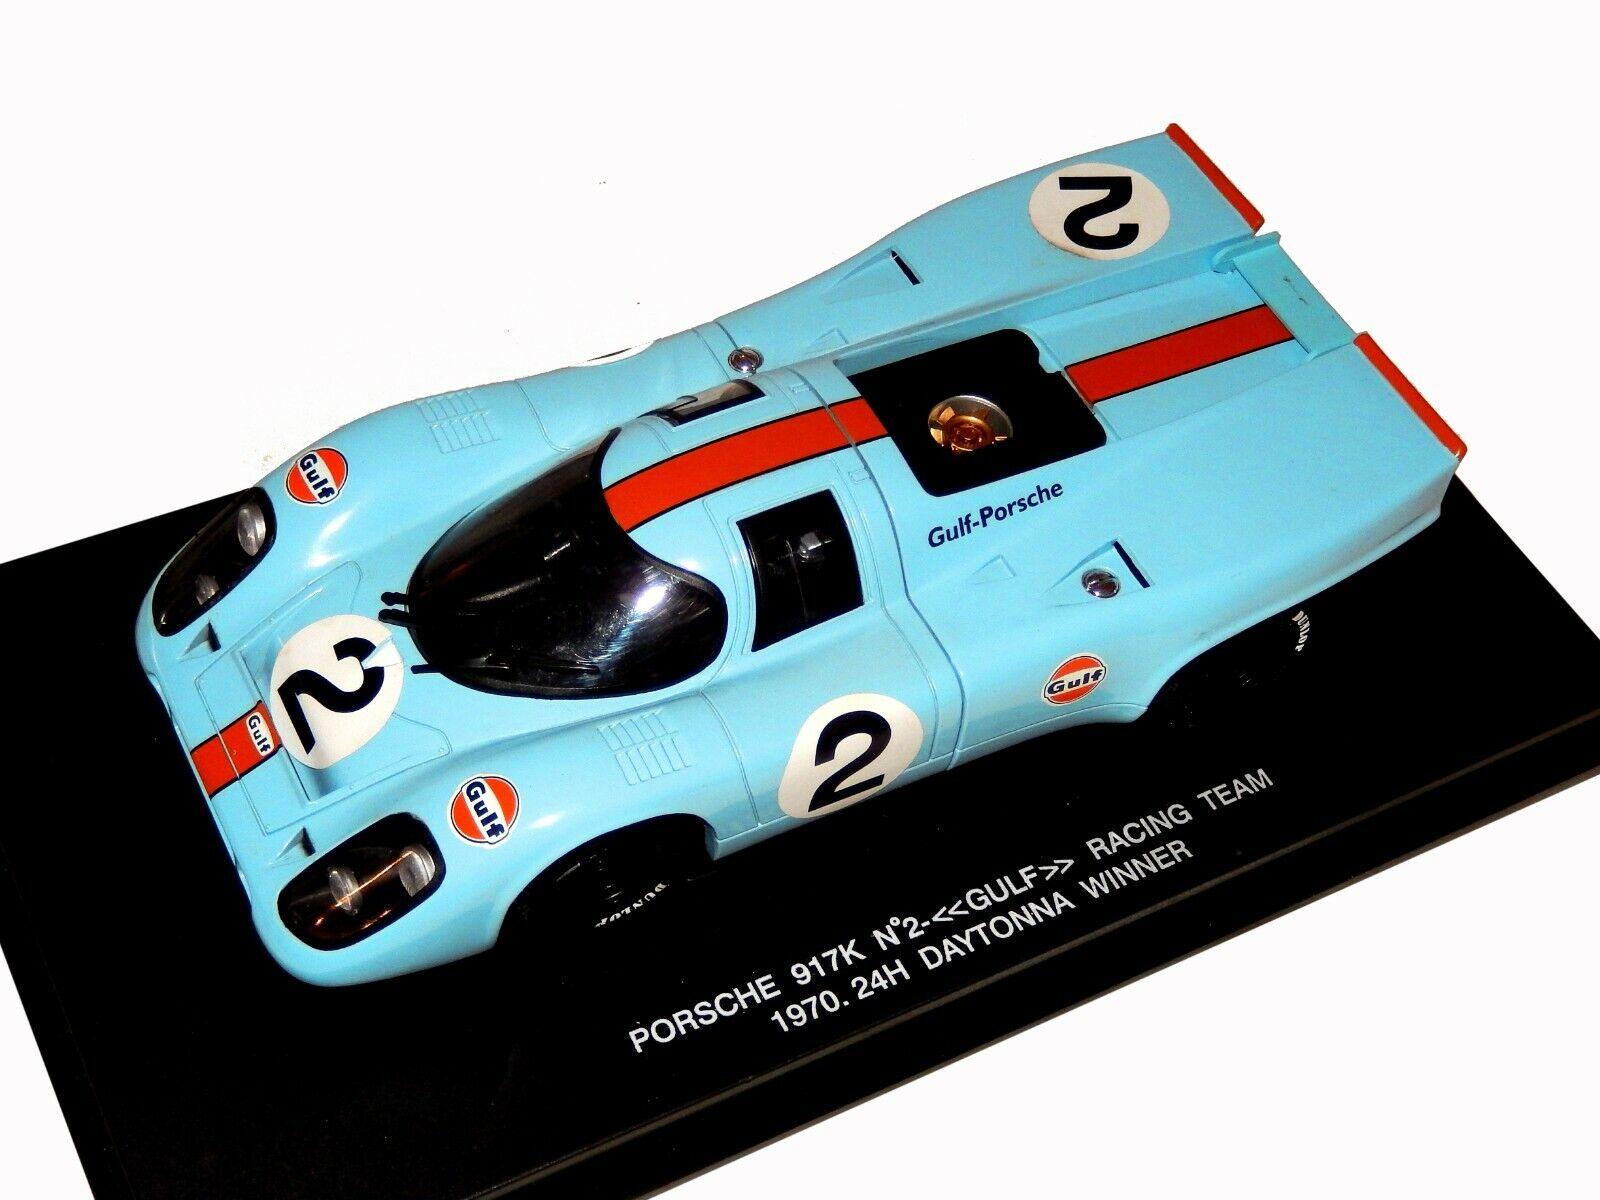 Porche 917 k-eagl's race - 1 18